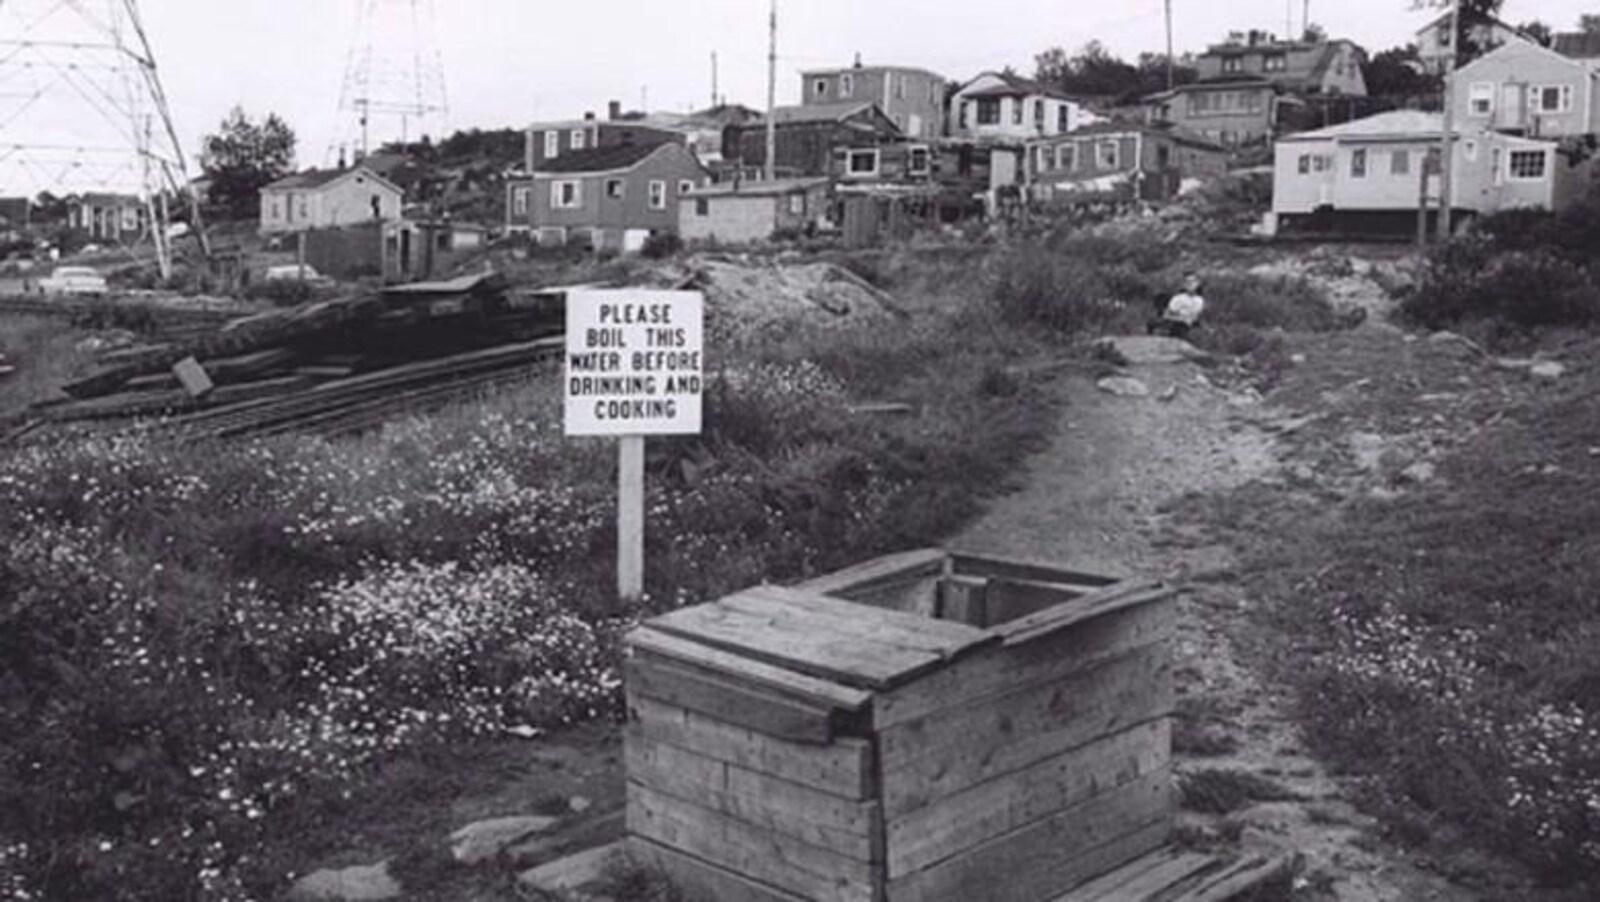 Un puits contaminé, dans le quartier d'Africville, vers 1965.